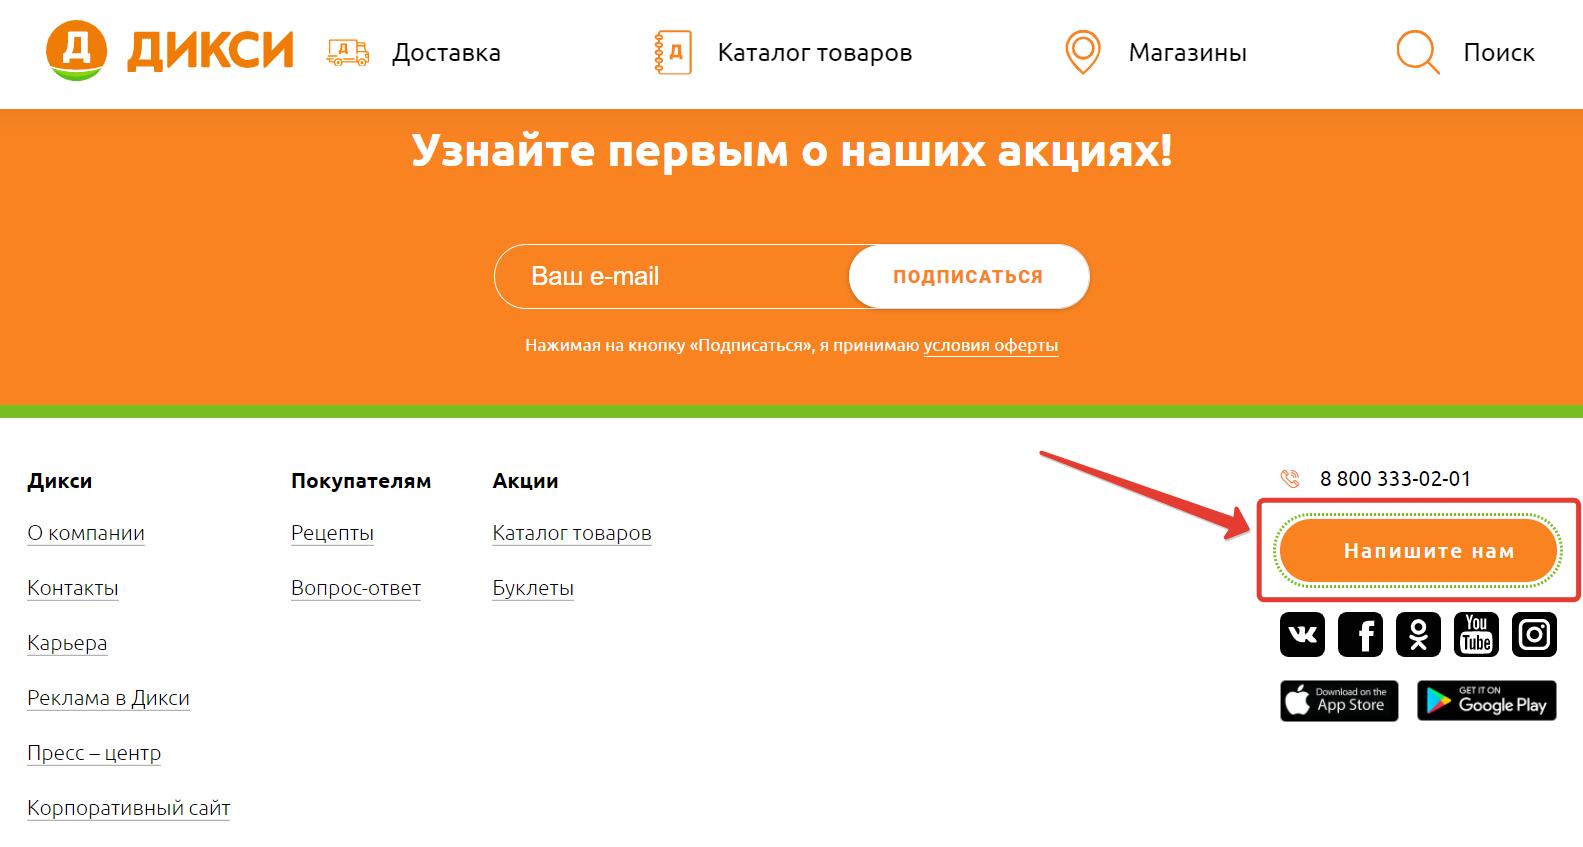 дикси официальный сайт написать жалобу